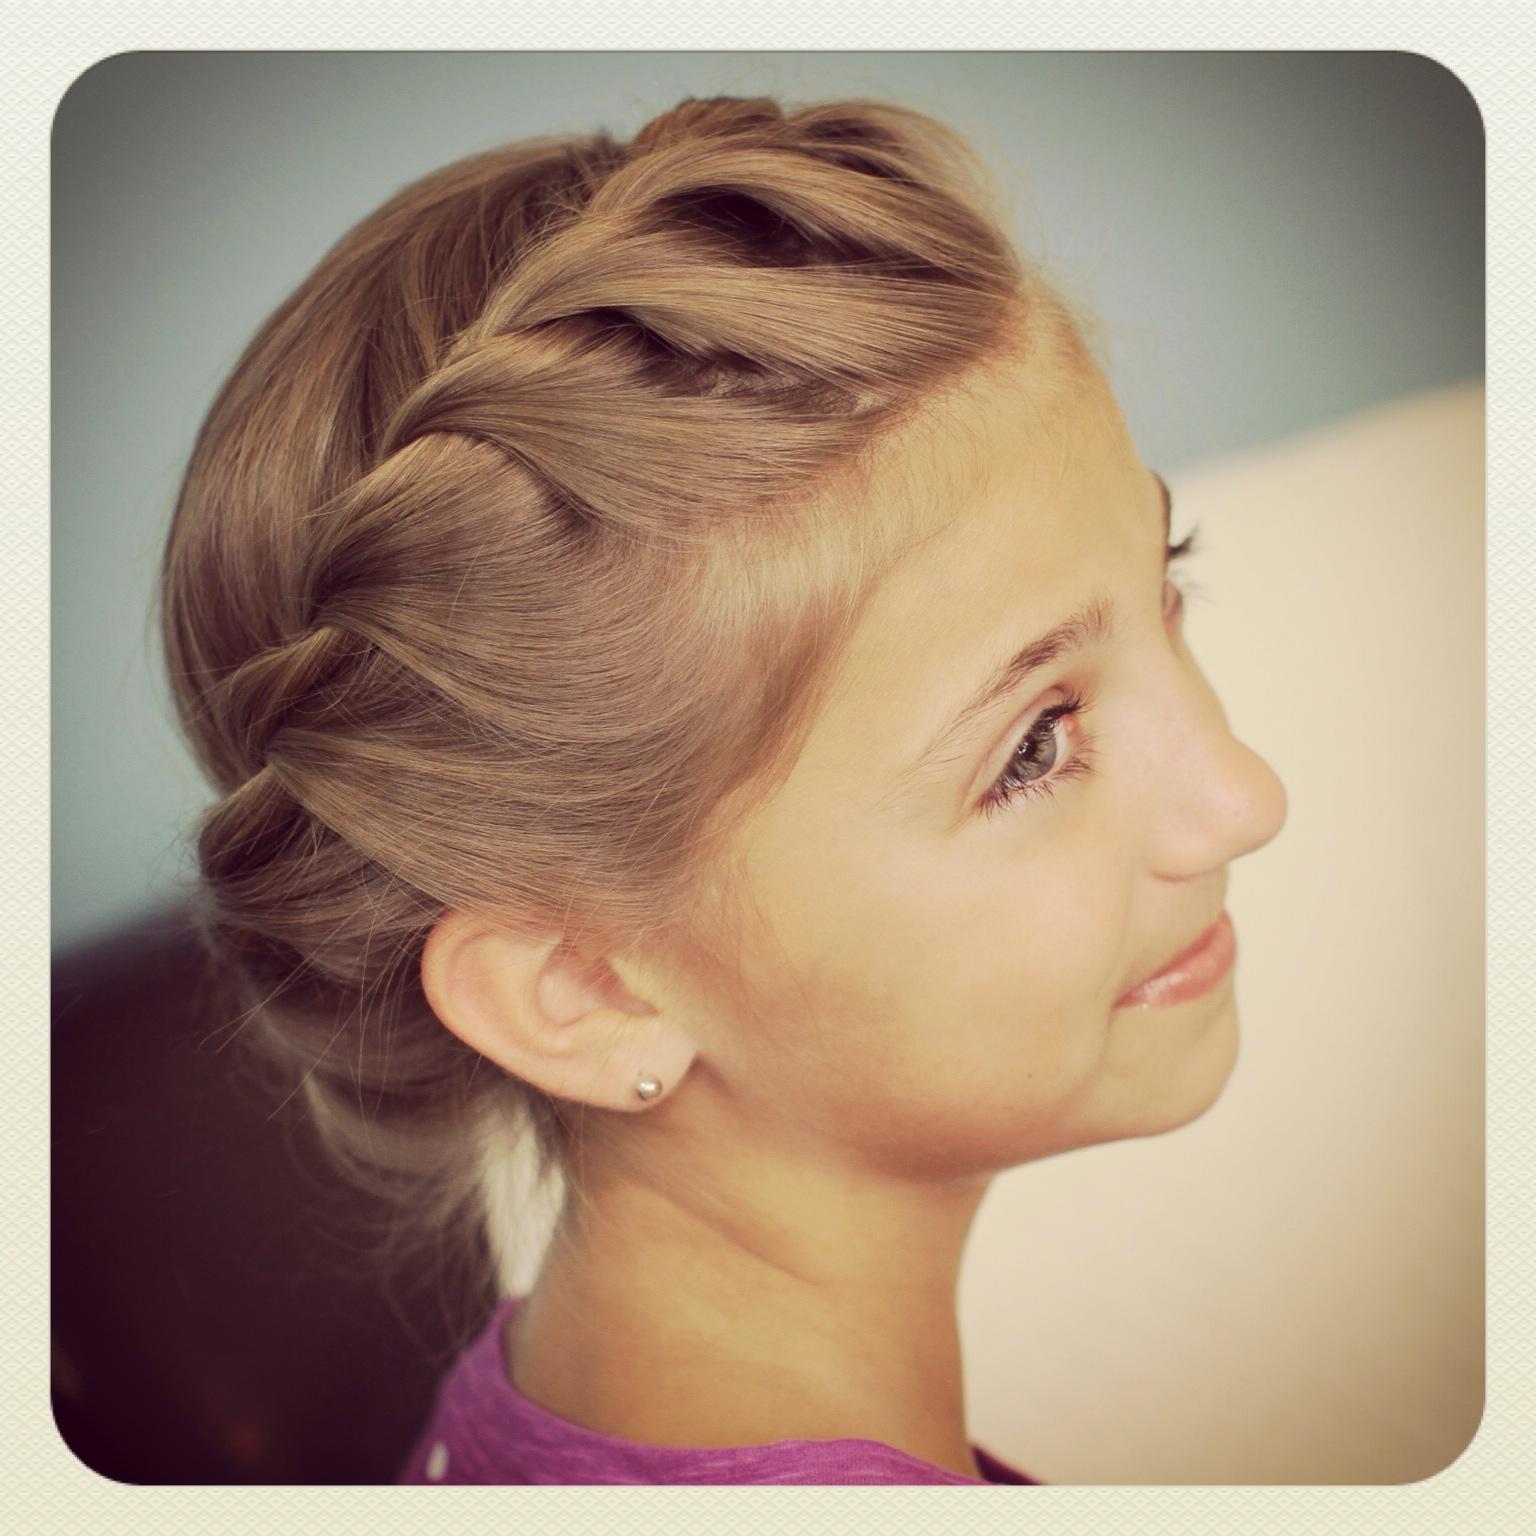 crown rope twist braid | updo hairstyles | cute girls hairstyles